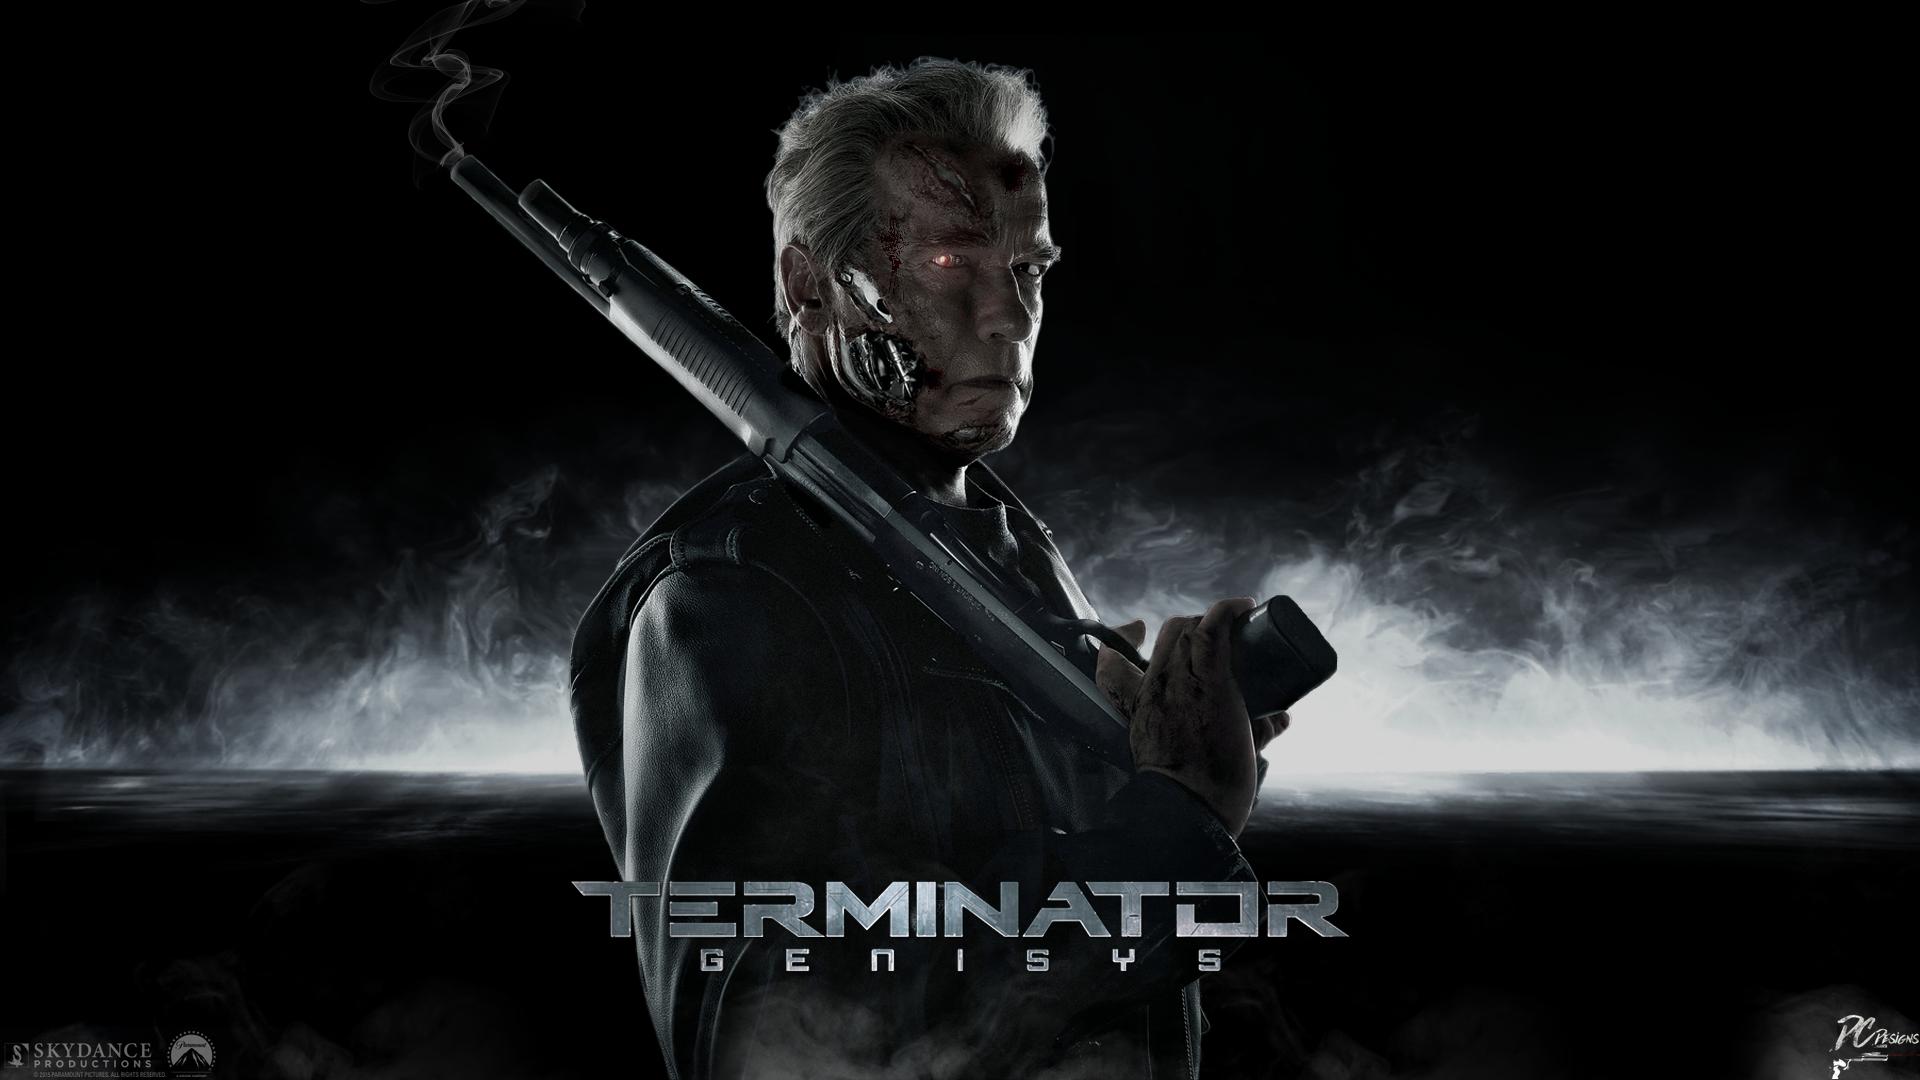 Εξολοθρευτής: Γένεsys (Terminator: Genisys) Wallpaper